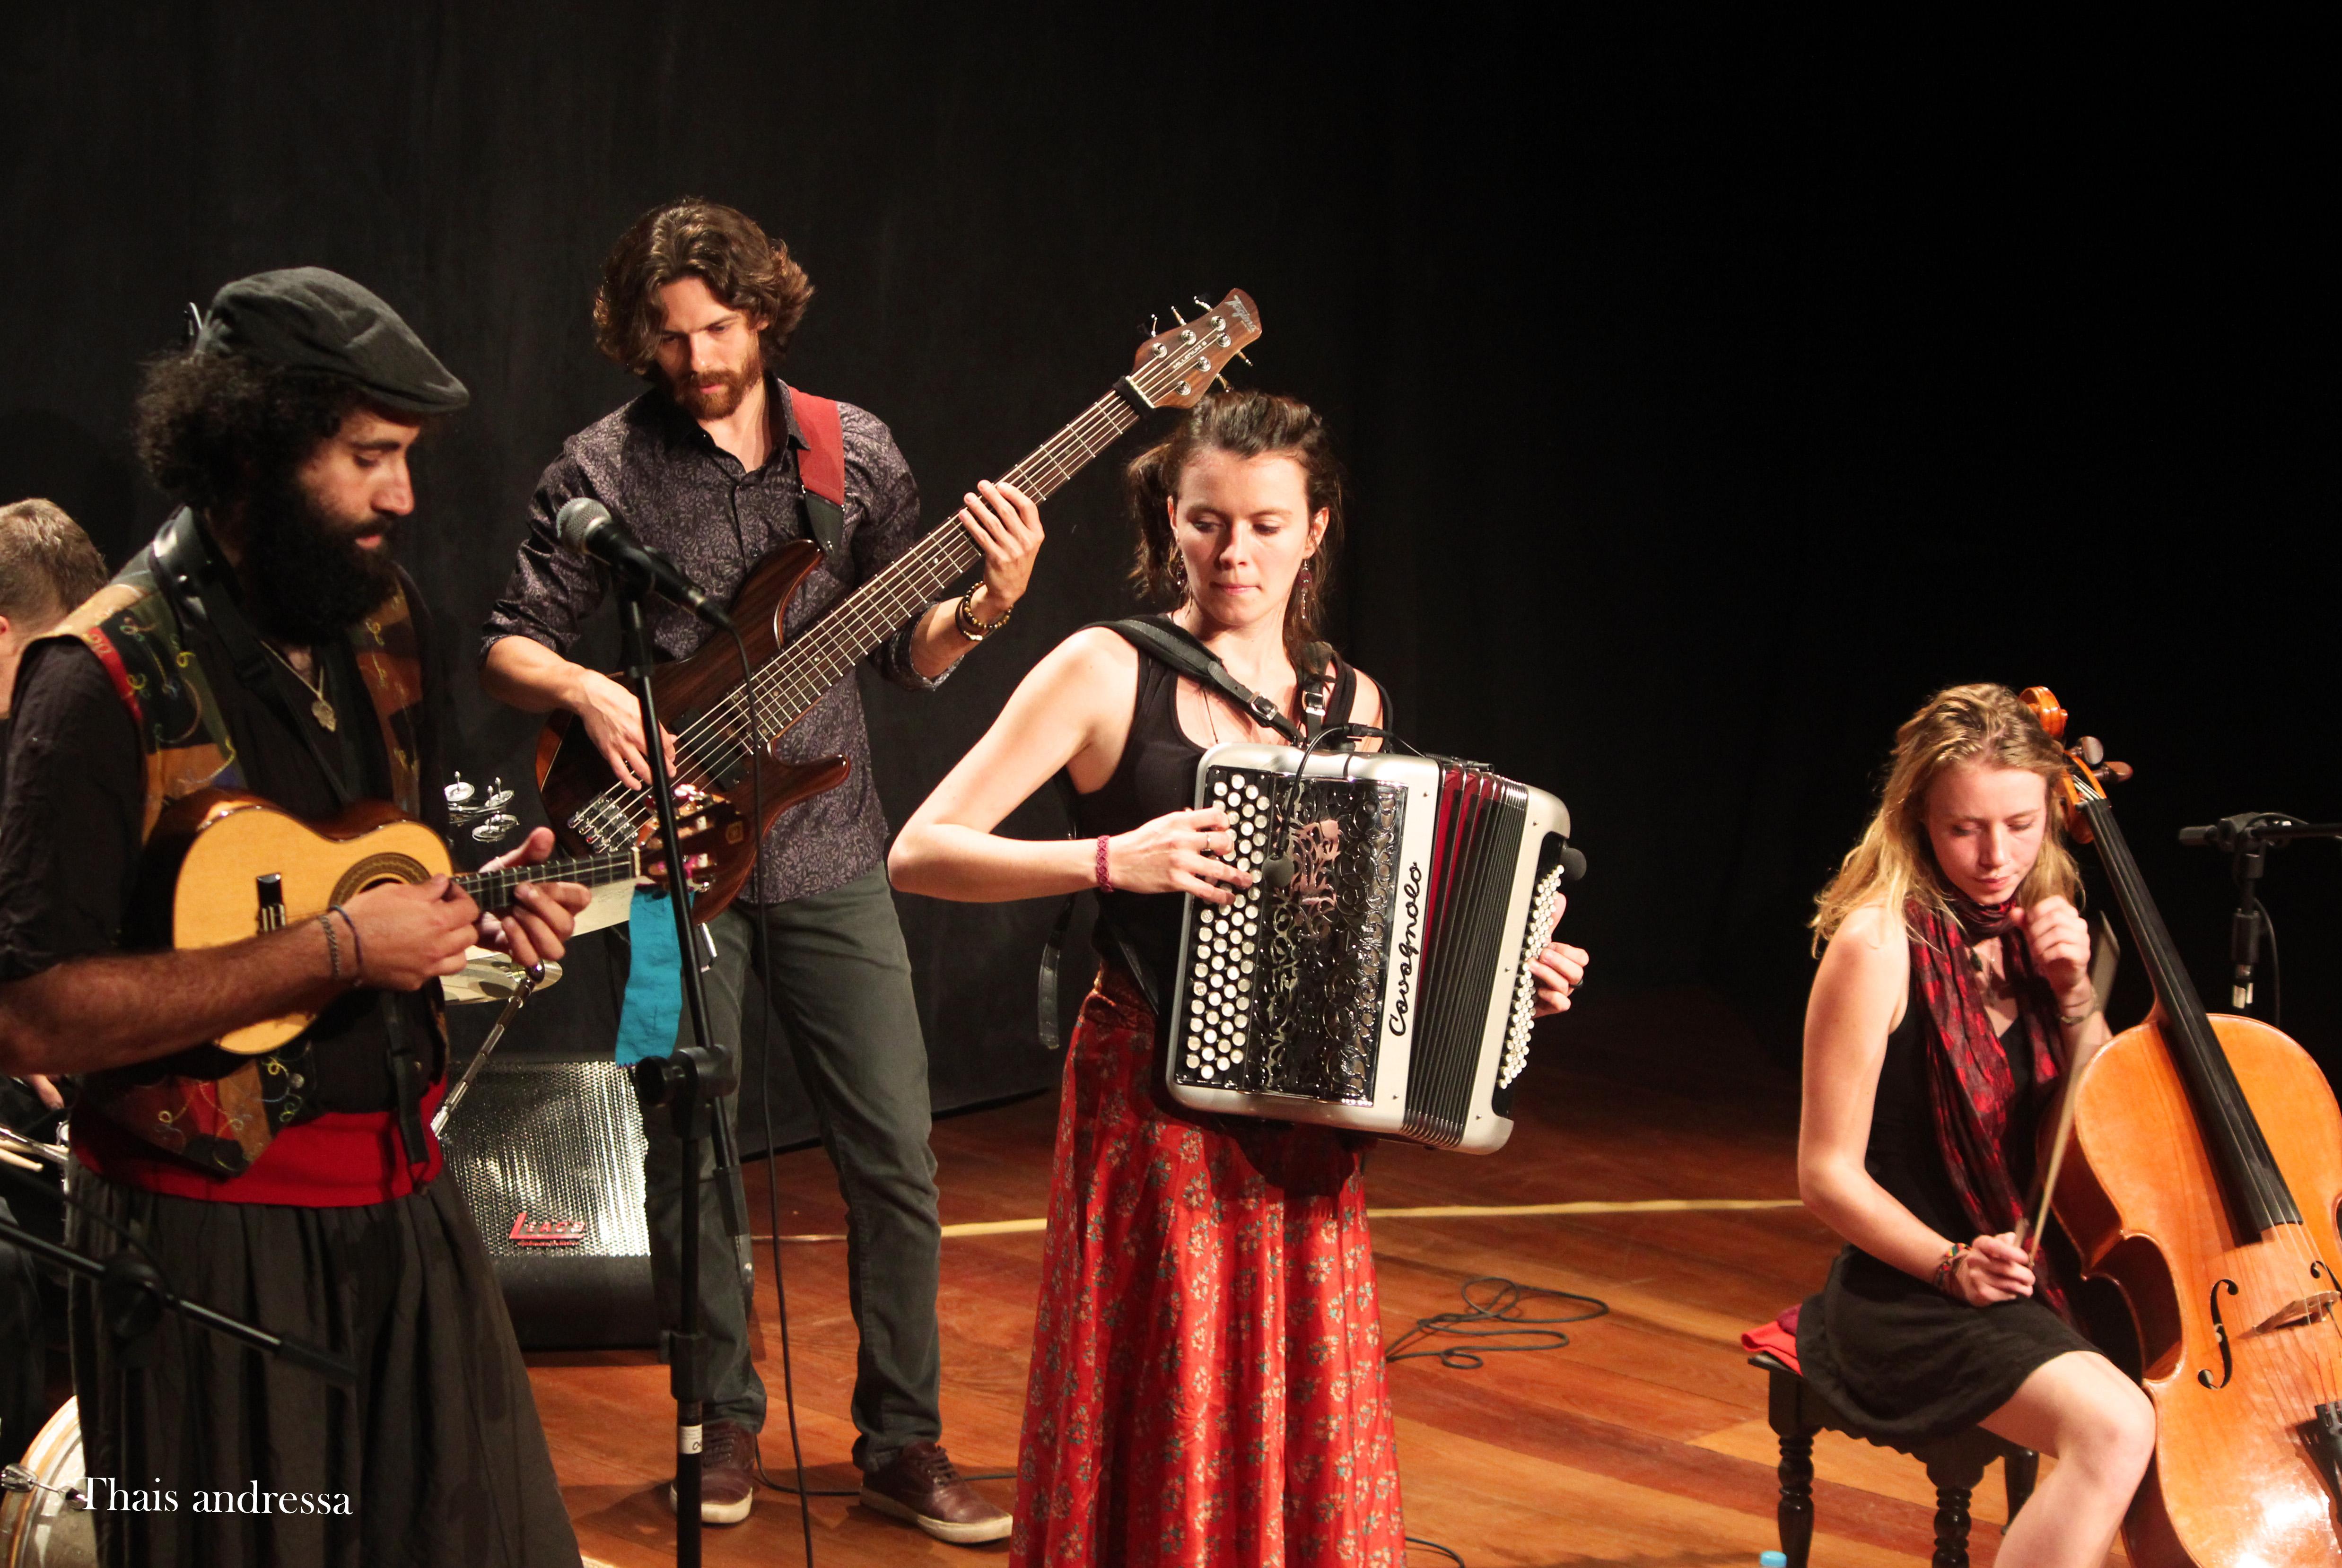 Em turnê no Brasil, grupo musical Čao Laru faz shows em cidades mineiras